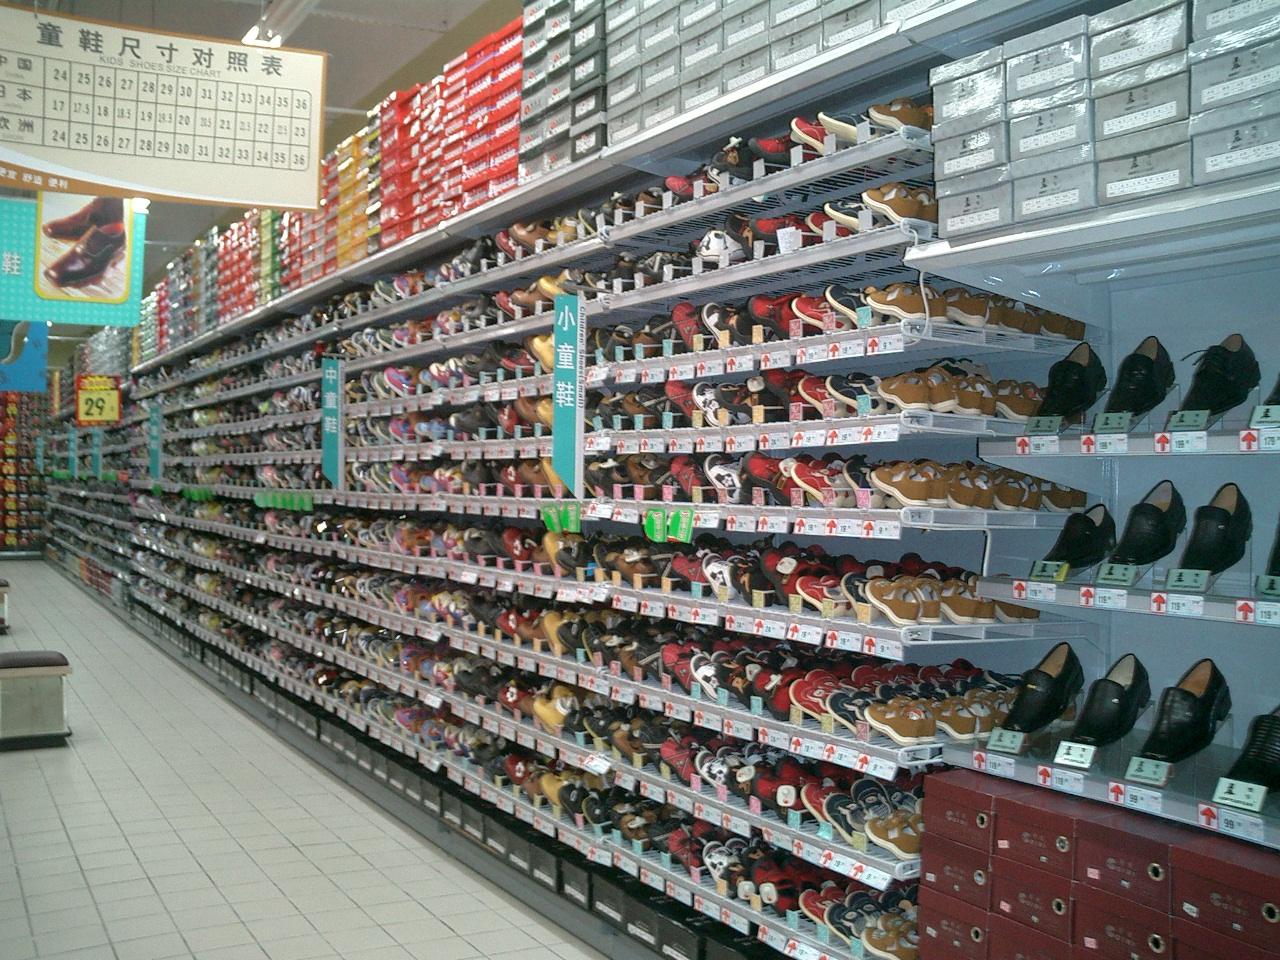 湖 服饰 鞋区商品的特殊展示 附图 联商专栏图片